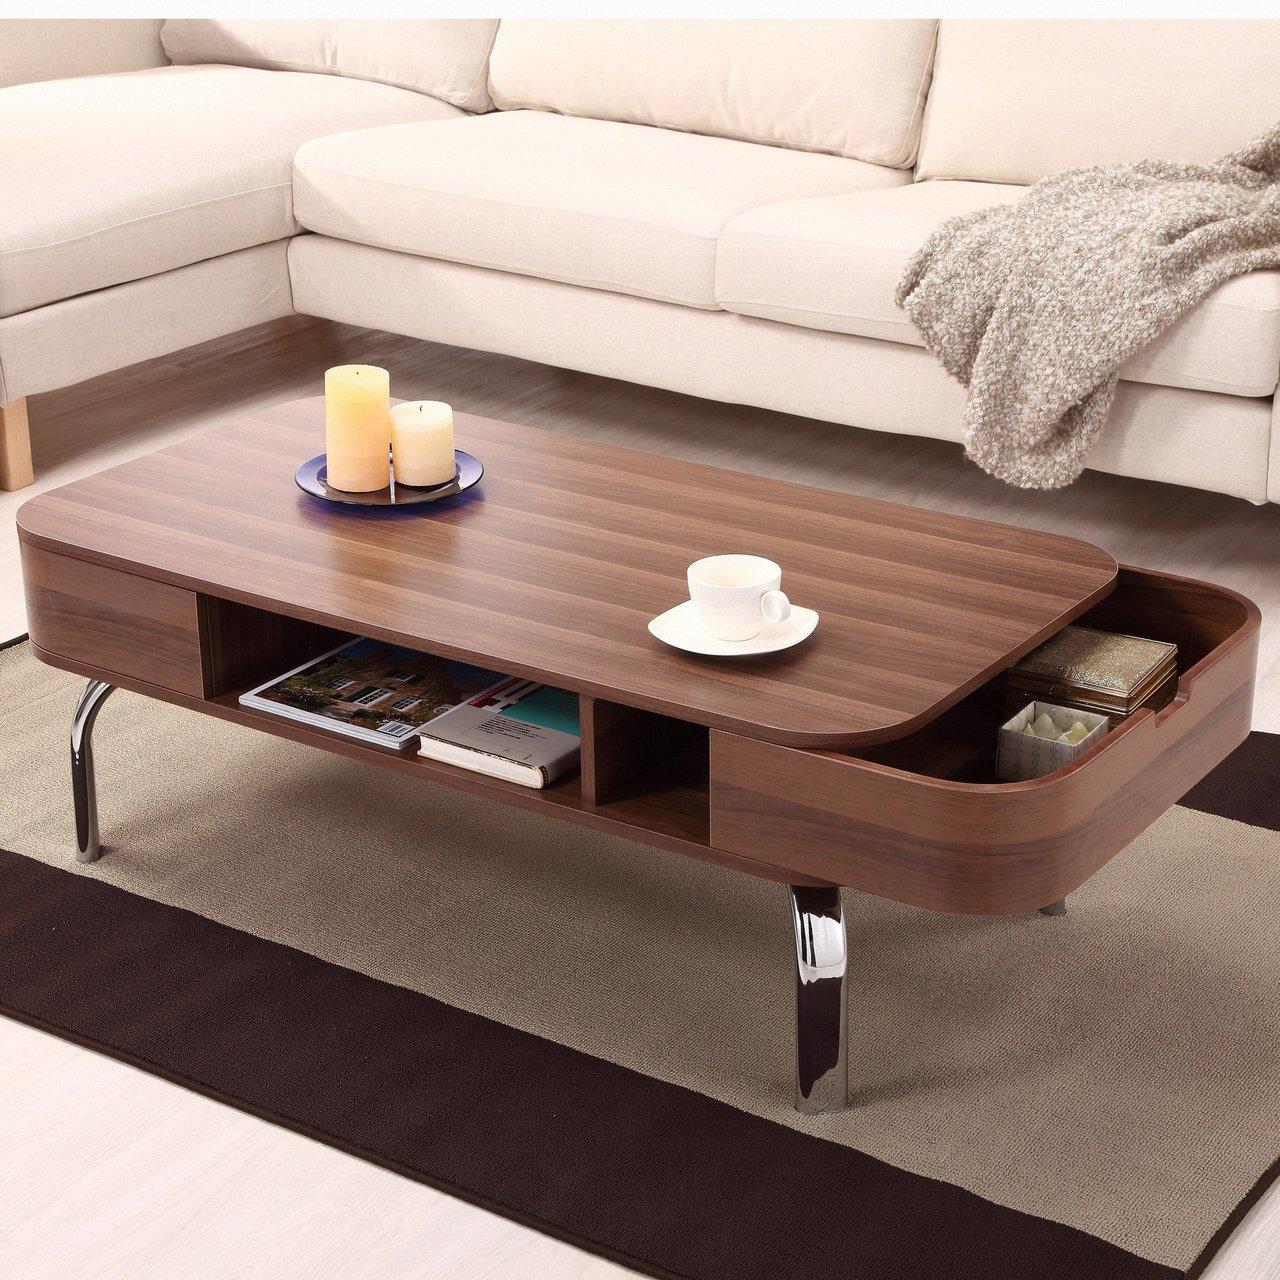 Lawson Coffee Table by Hokku Designs